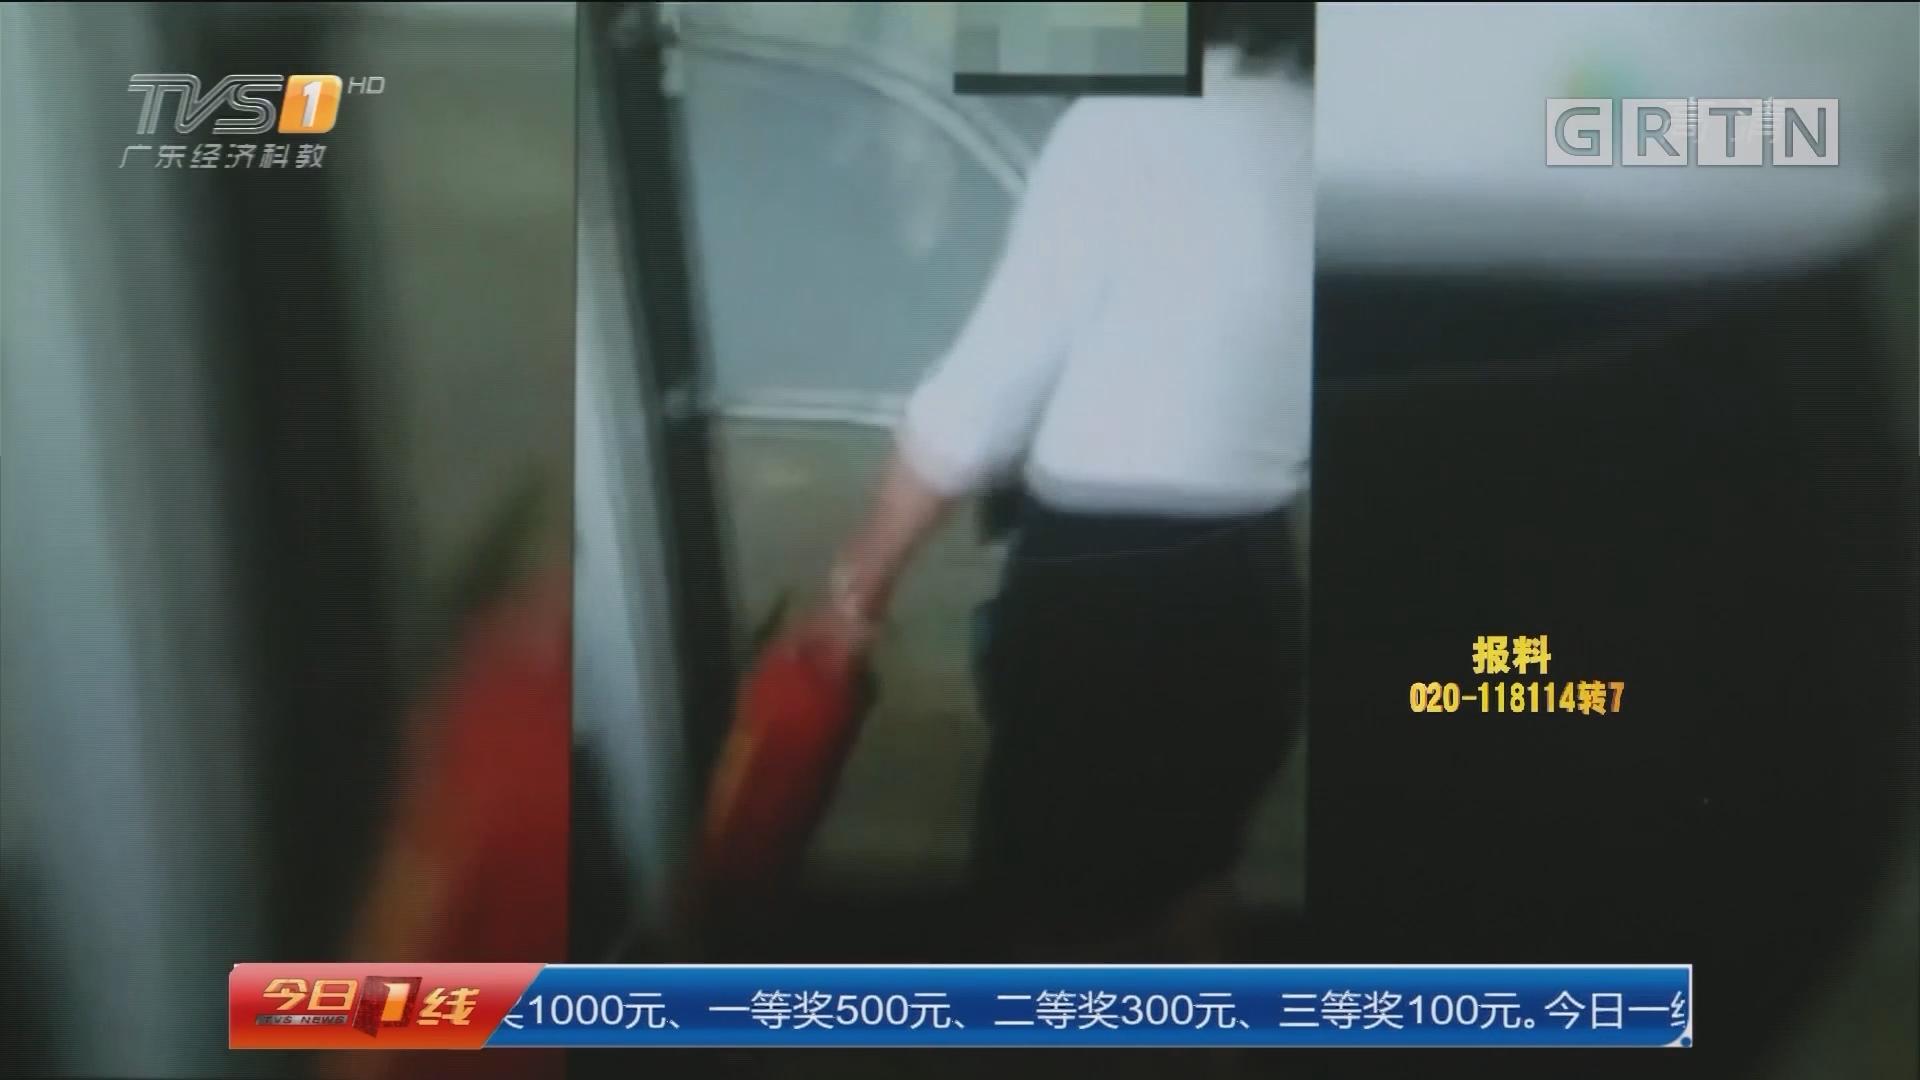 广州:坐过站 女乘客抡灭火器砸车门